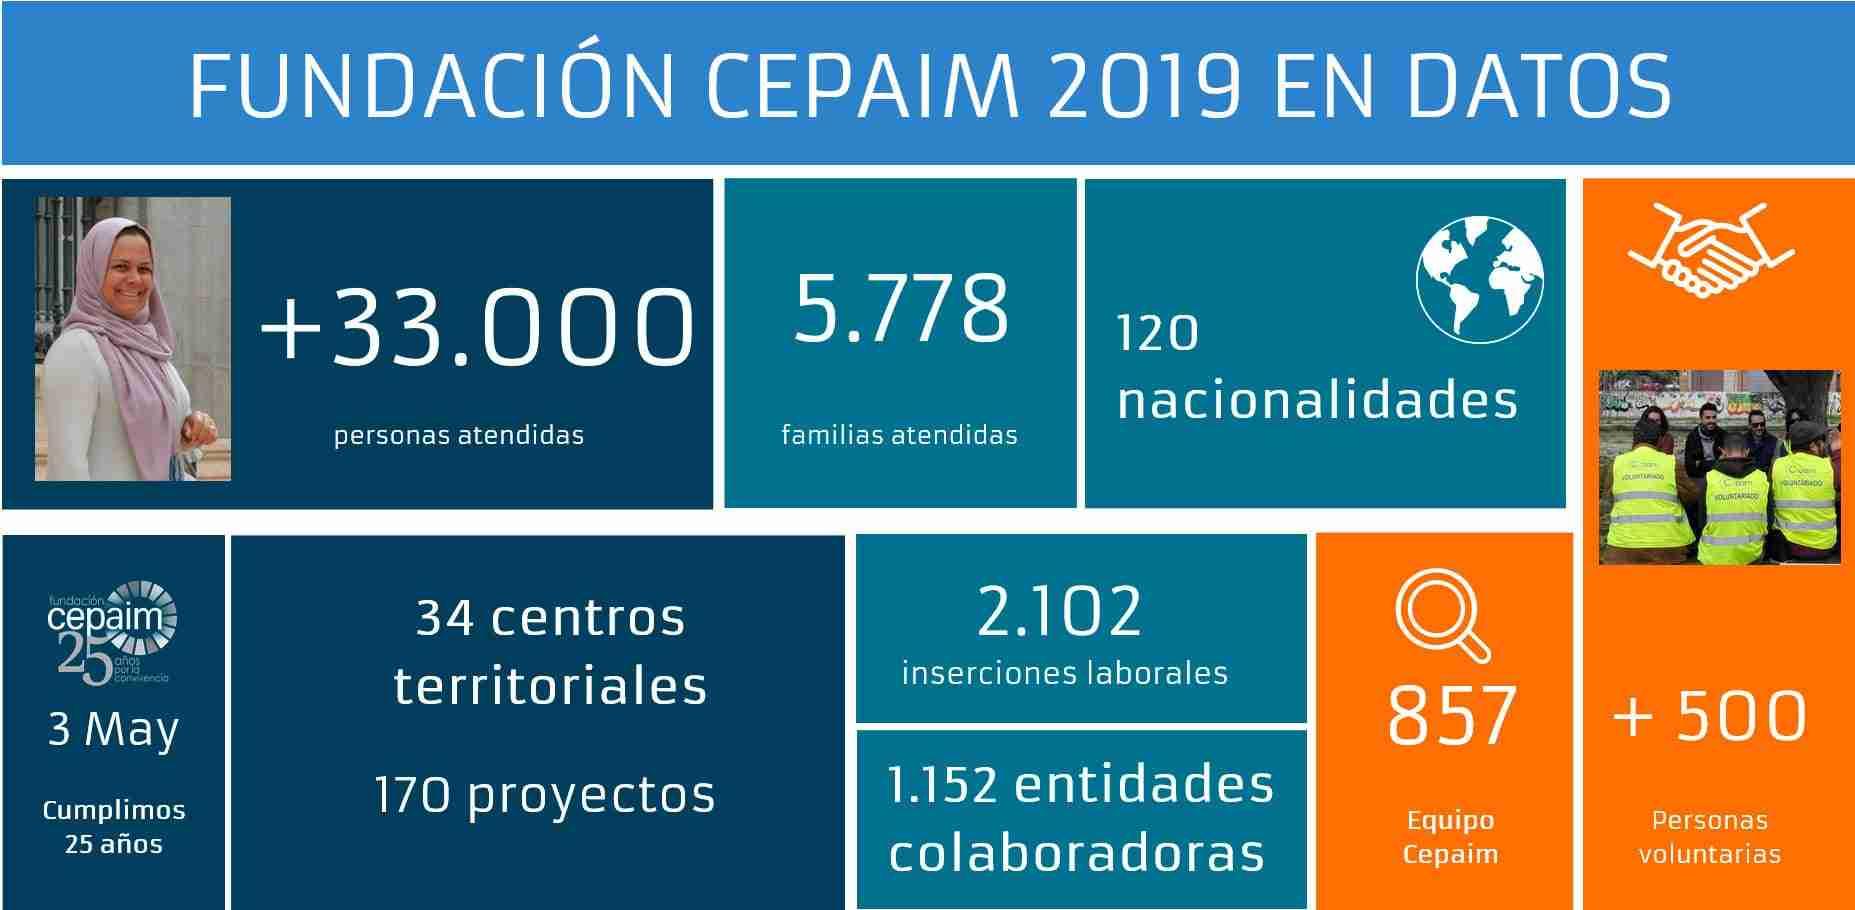 Fundación Cepaim sigue atendiendo las necesidades de las personas más vulnerables durante la emergencia sanitaria en Castilla-La Mancha 1